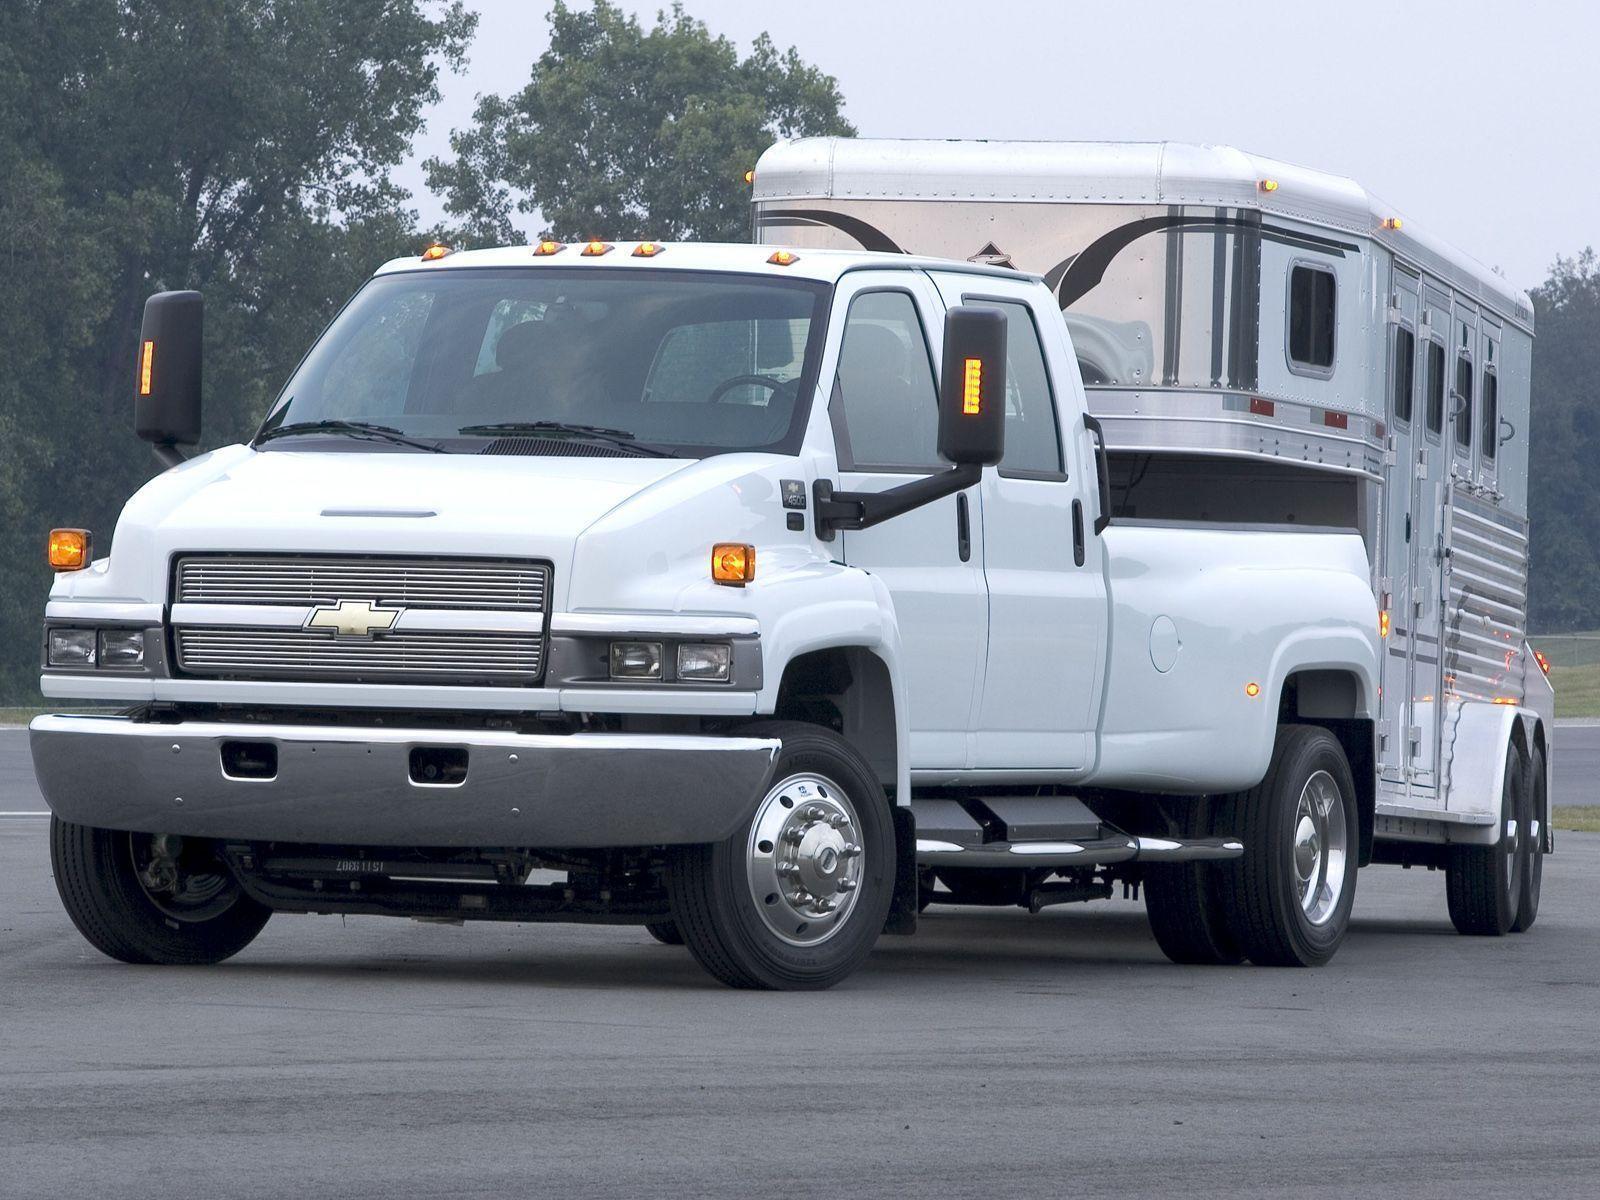 Chevrolet C4500 Kodiak Pickup – один из крупнейших пикапов, которые можно приобрести